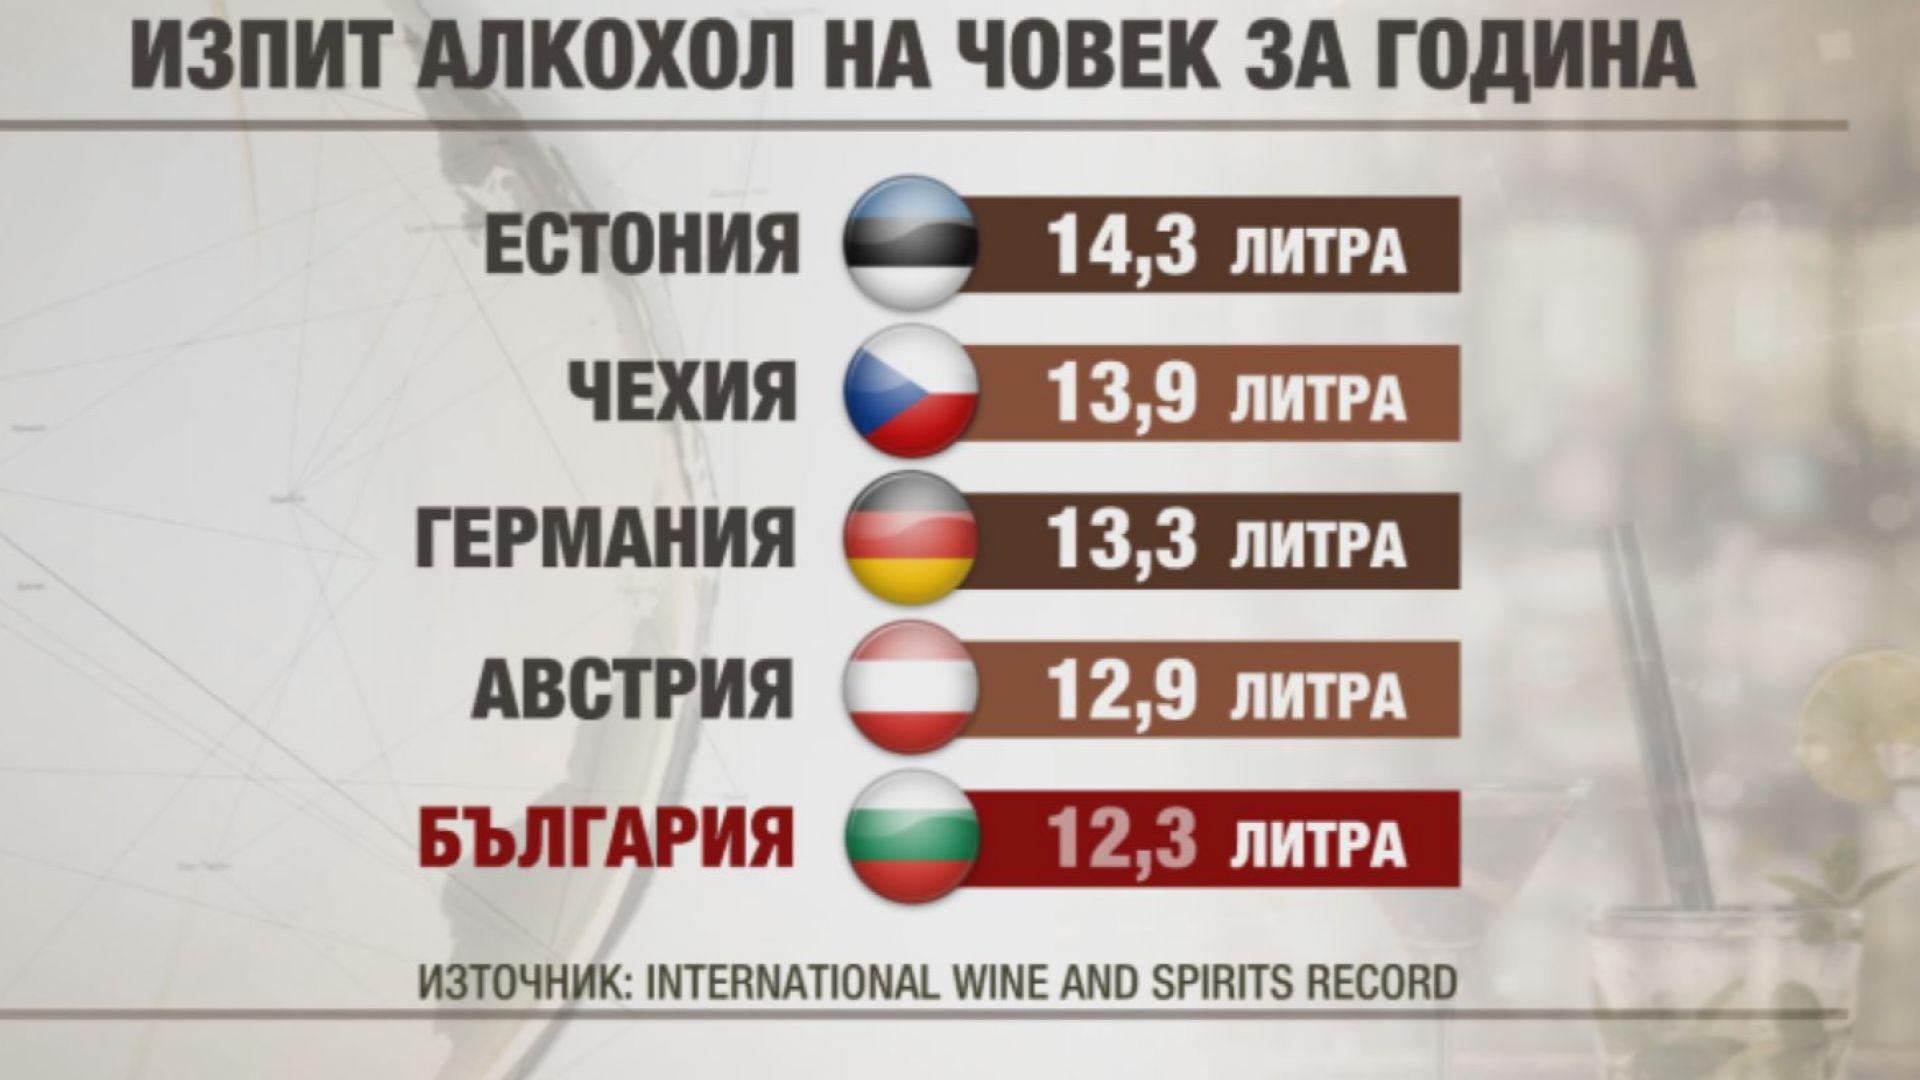 Българите на шесто място в света по изпит алкохол